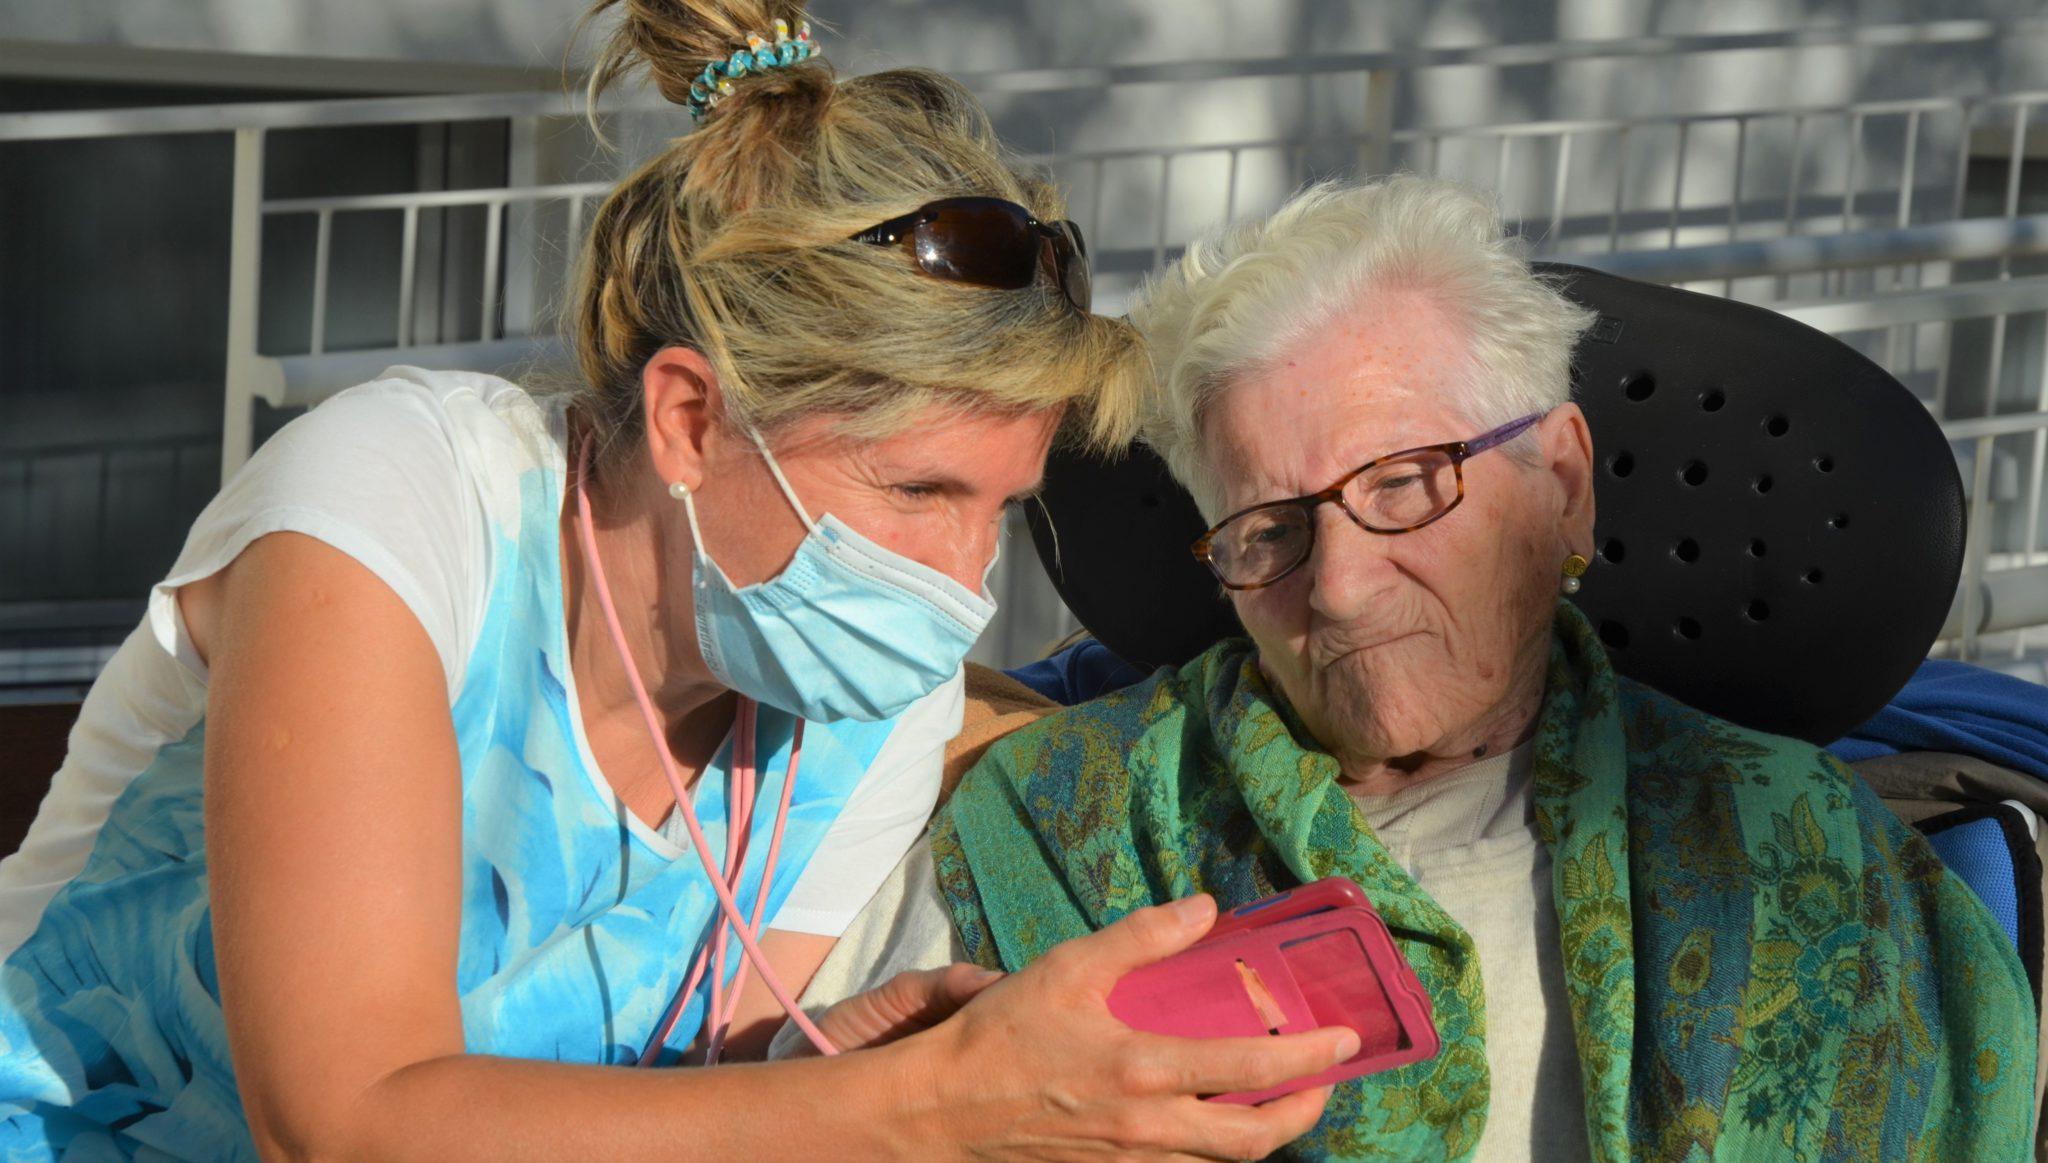 Un Familiar Y Una Persona Residente Miran Una Fotografía En El Teléfono Móvil En Un Jardin En La Casa De Misericordia